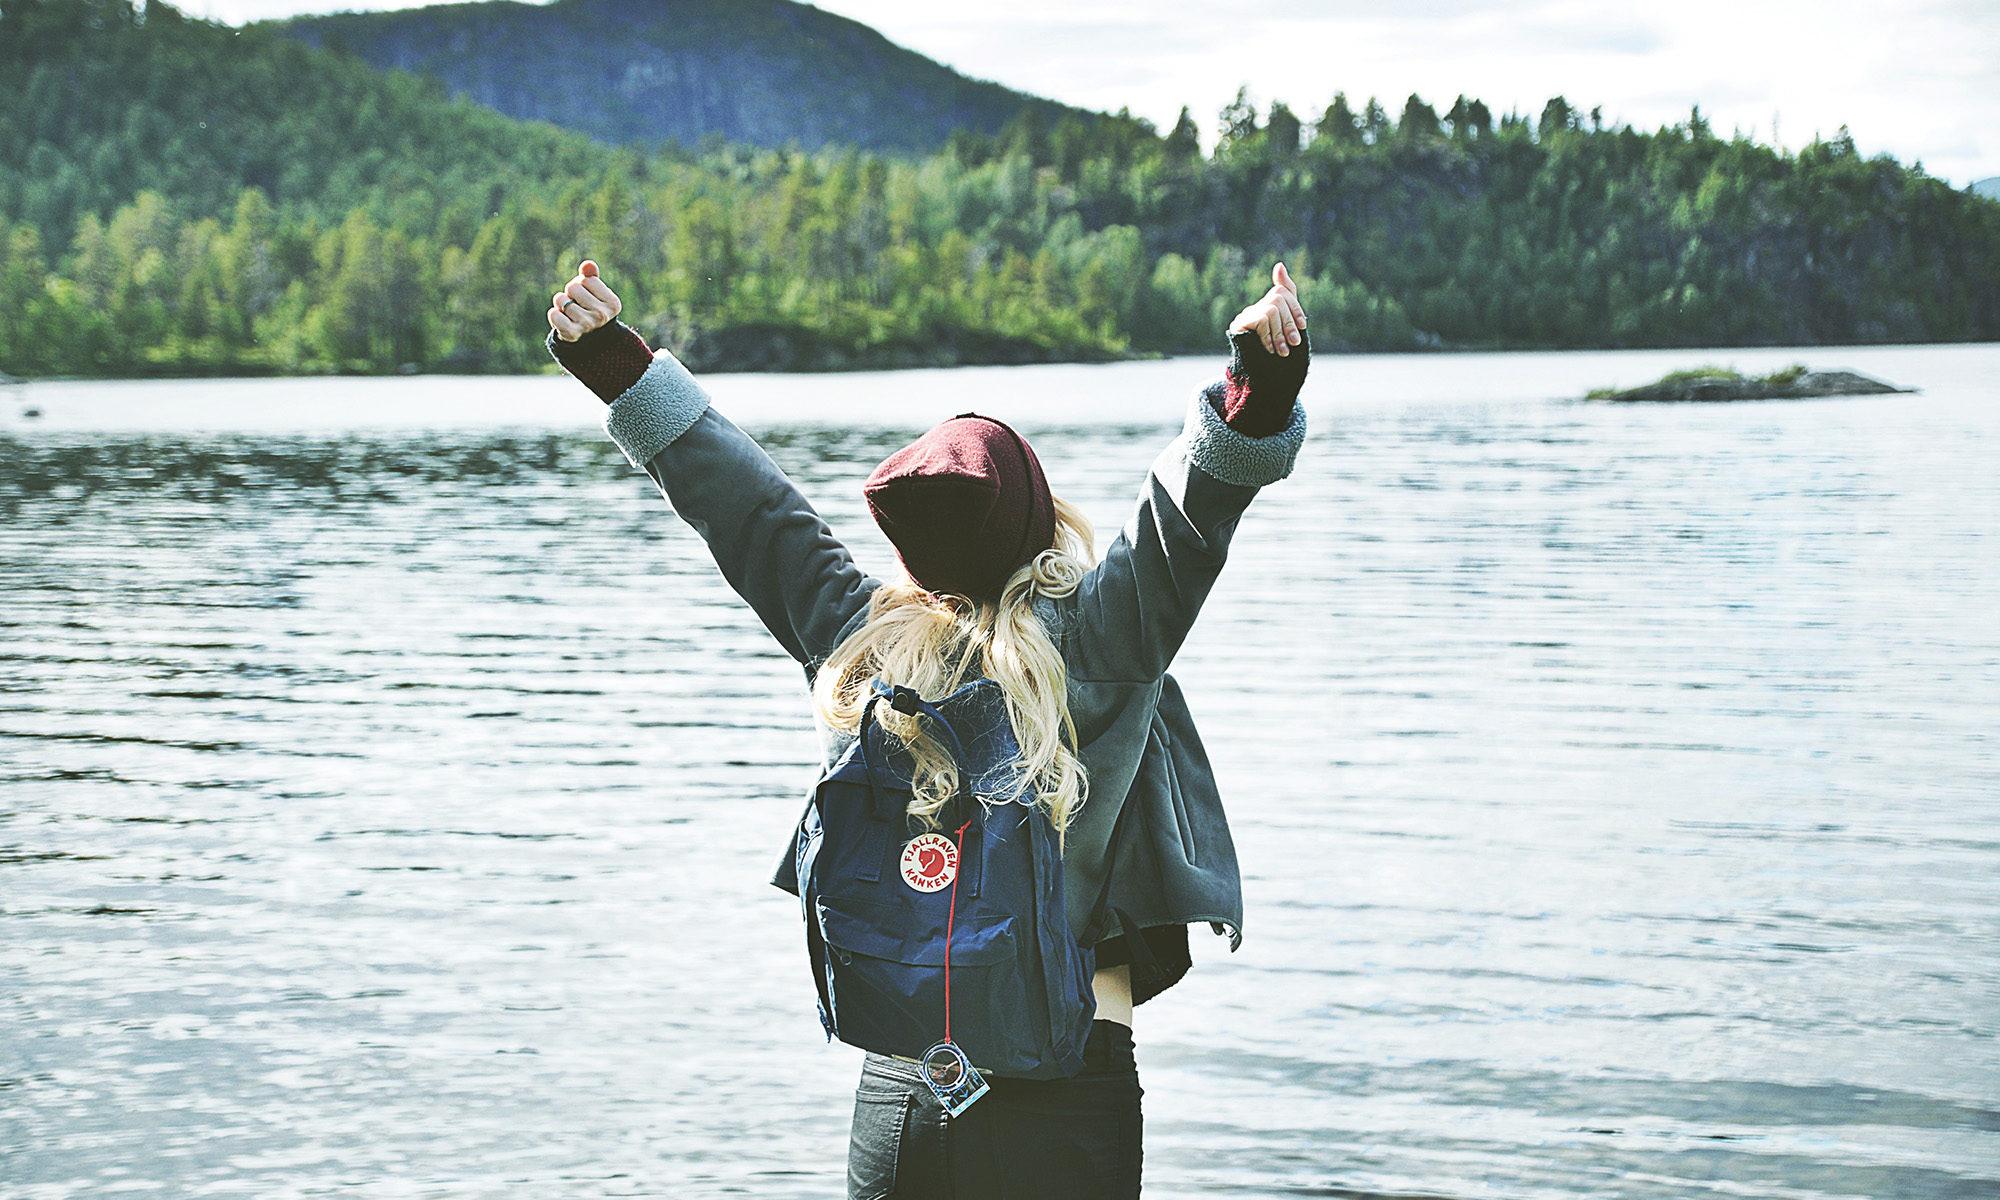 adolescenza - ragazzi - avventura - viaggio - libertà